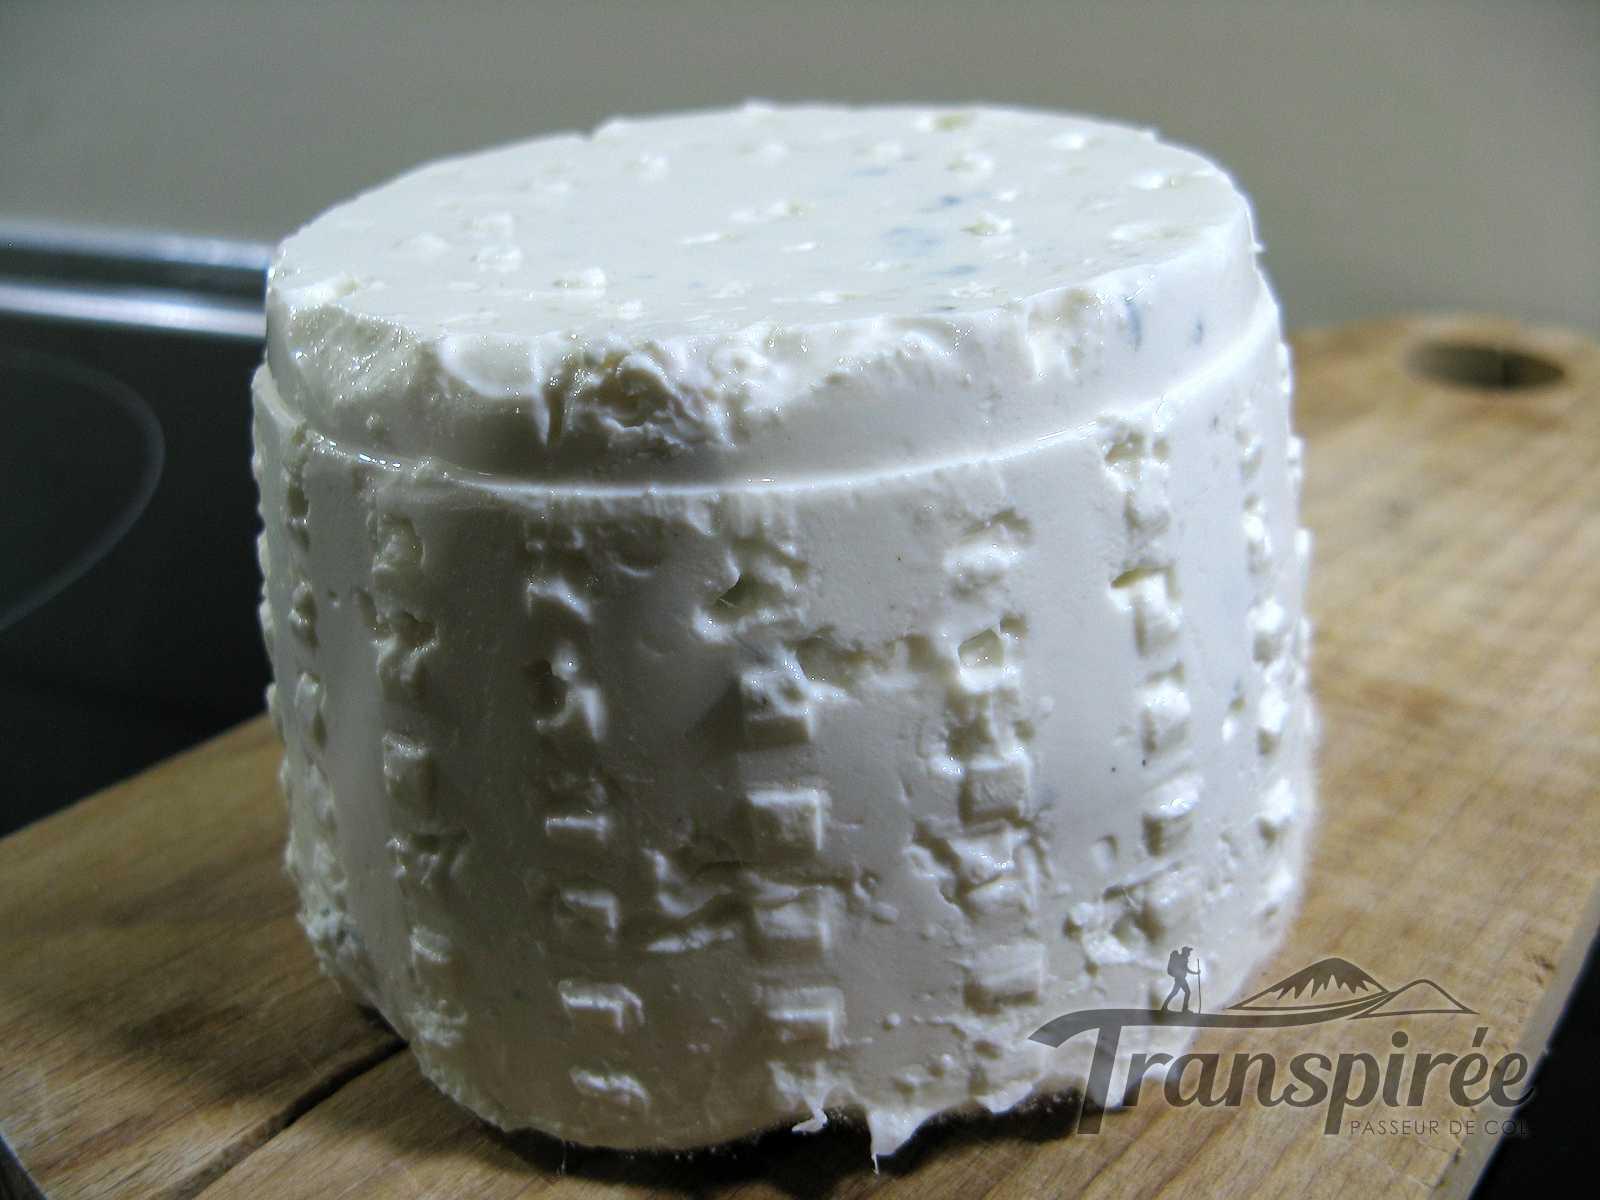 Comment faire son fromage la maison transpiree - Fabriquer son desodorisant maison ...